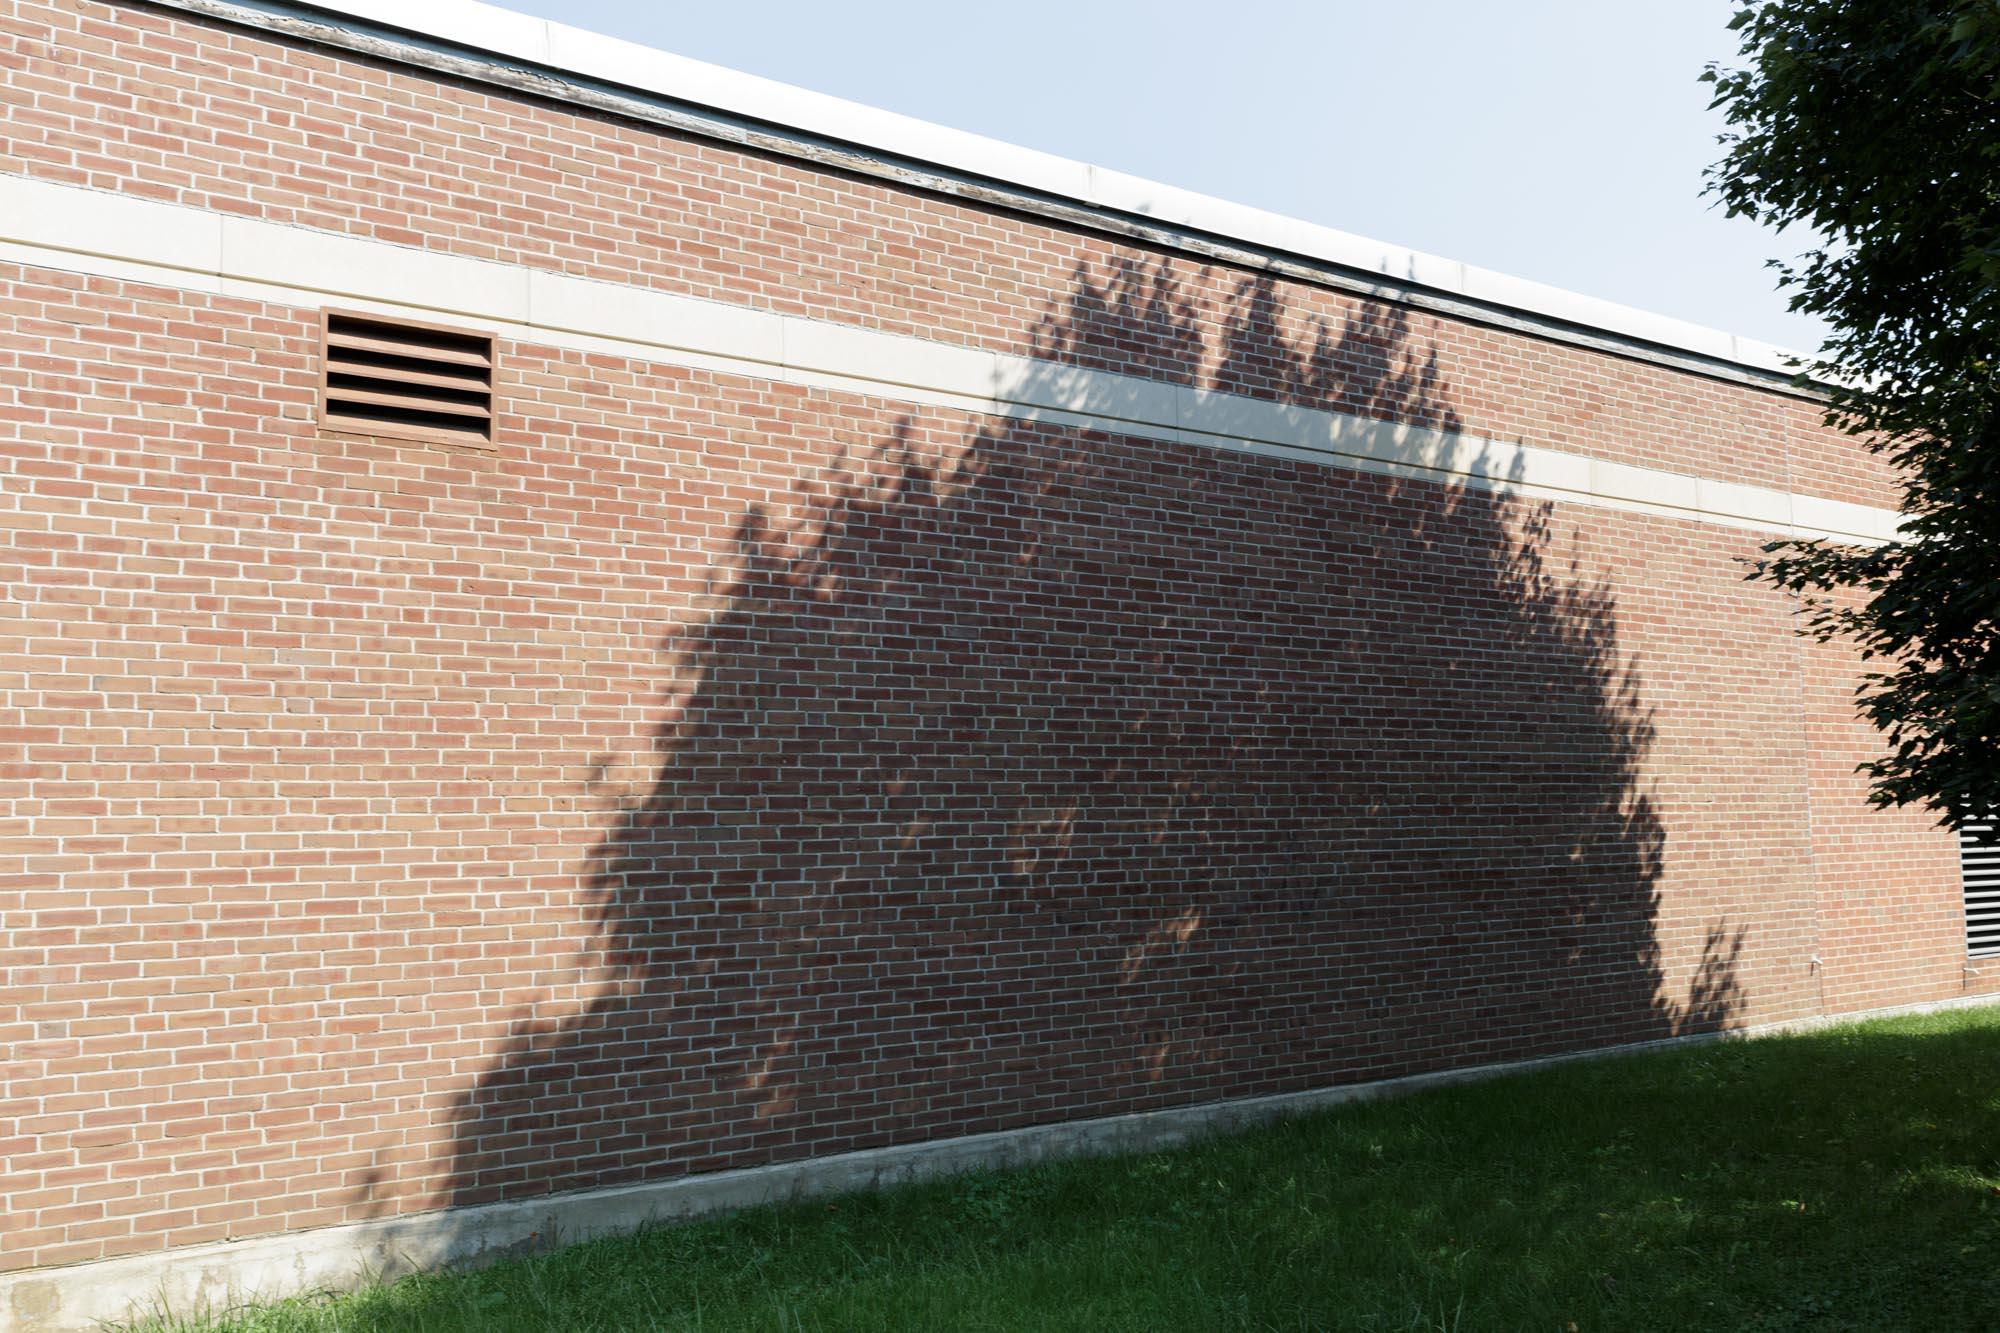 Tree Shadow on Wall